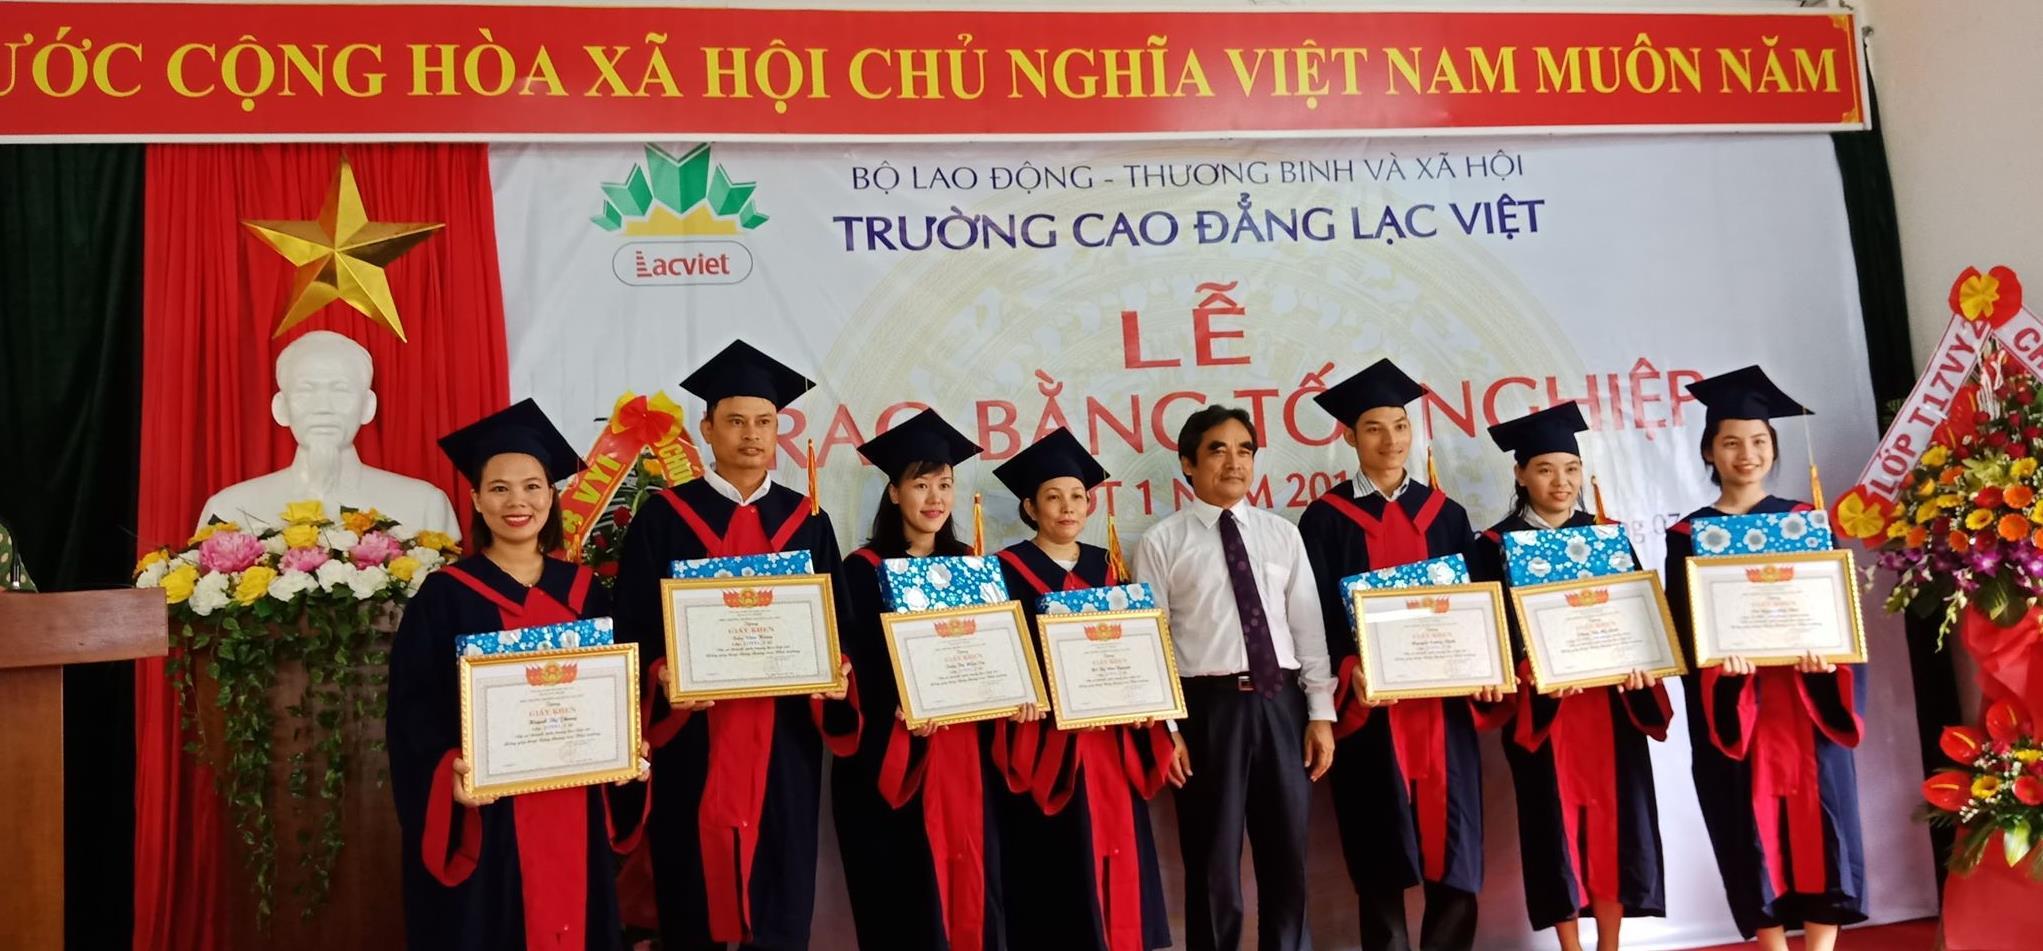 Khen thưởng HSSV có thành tích trong học tập và hoạt động nhà trường